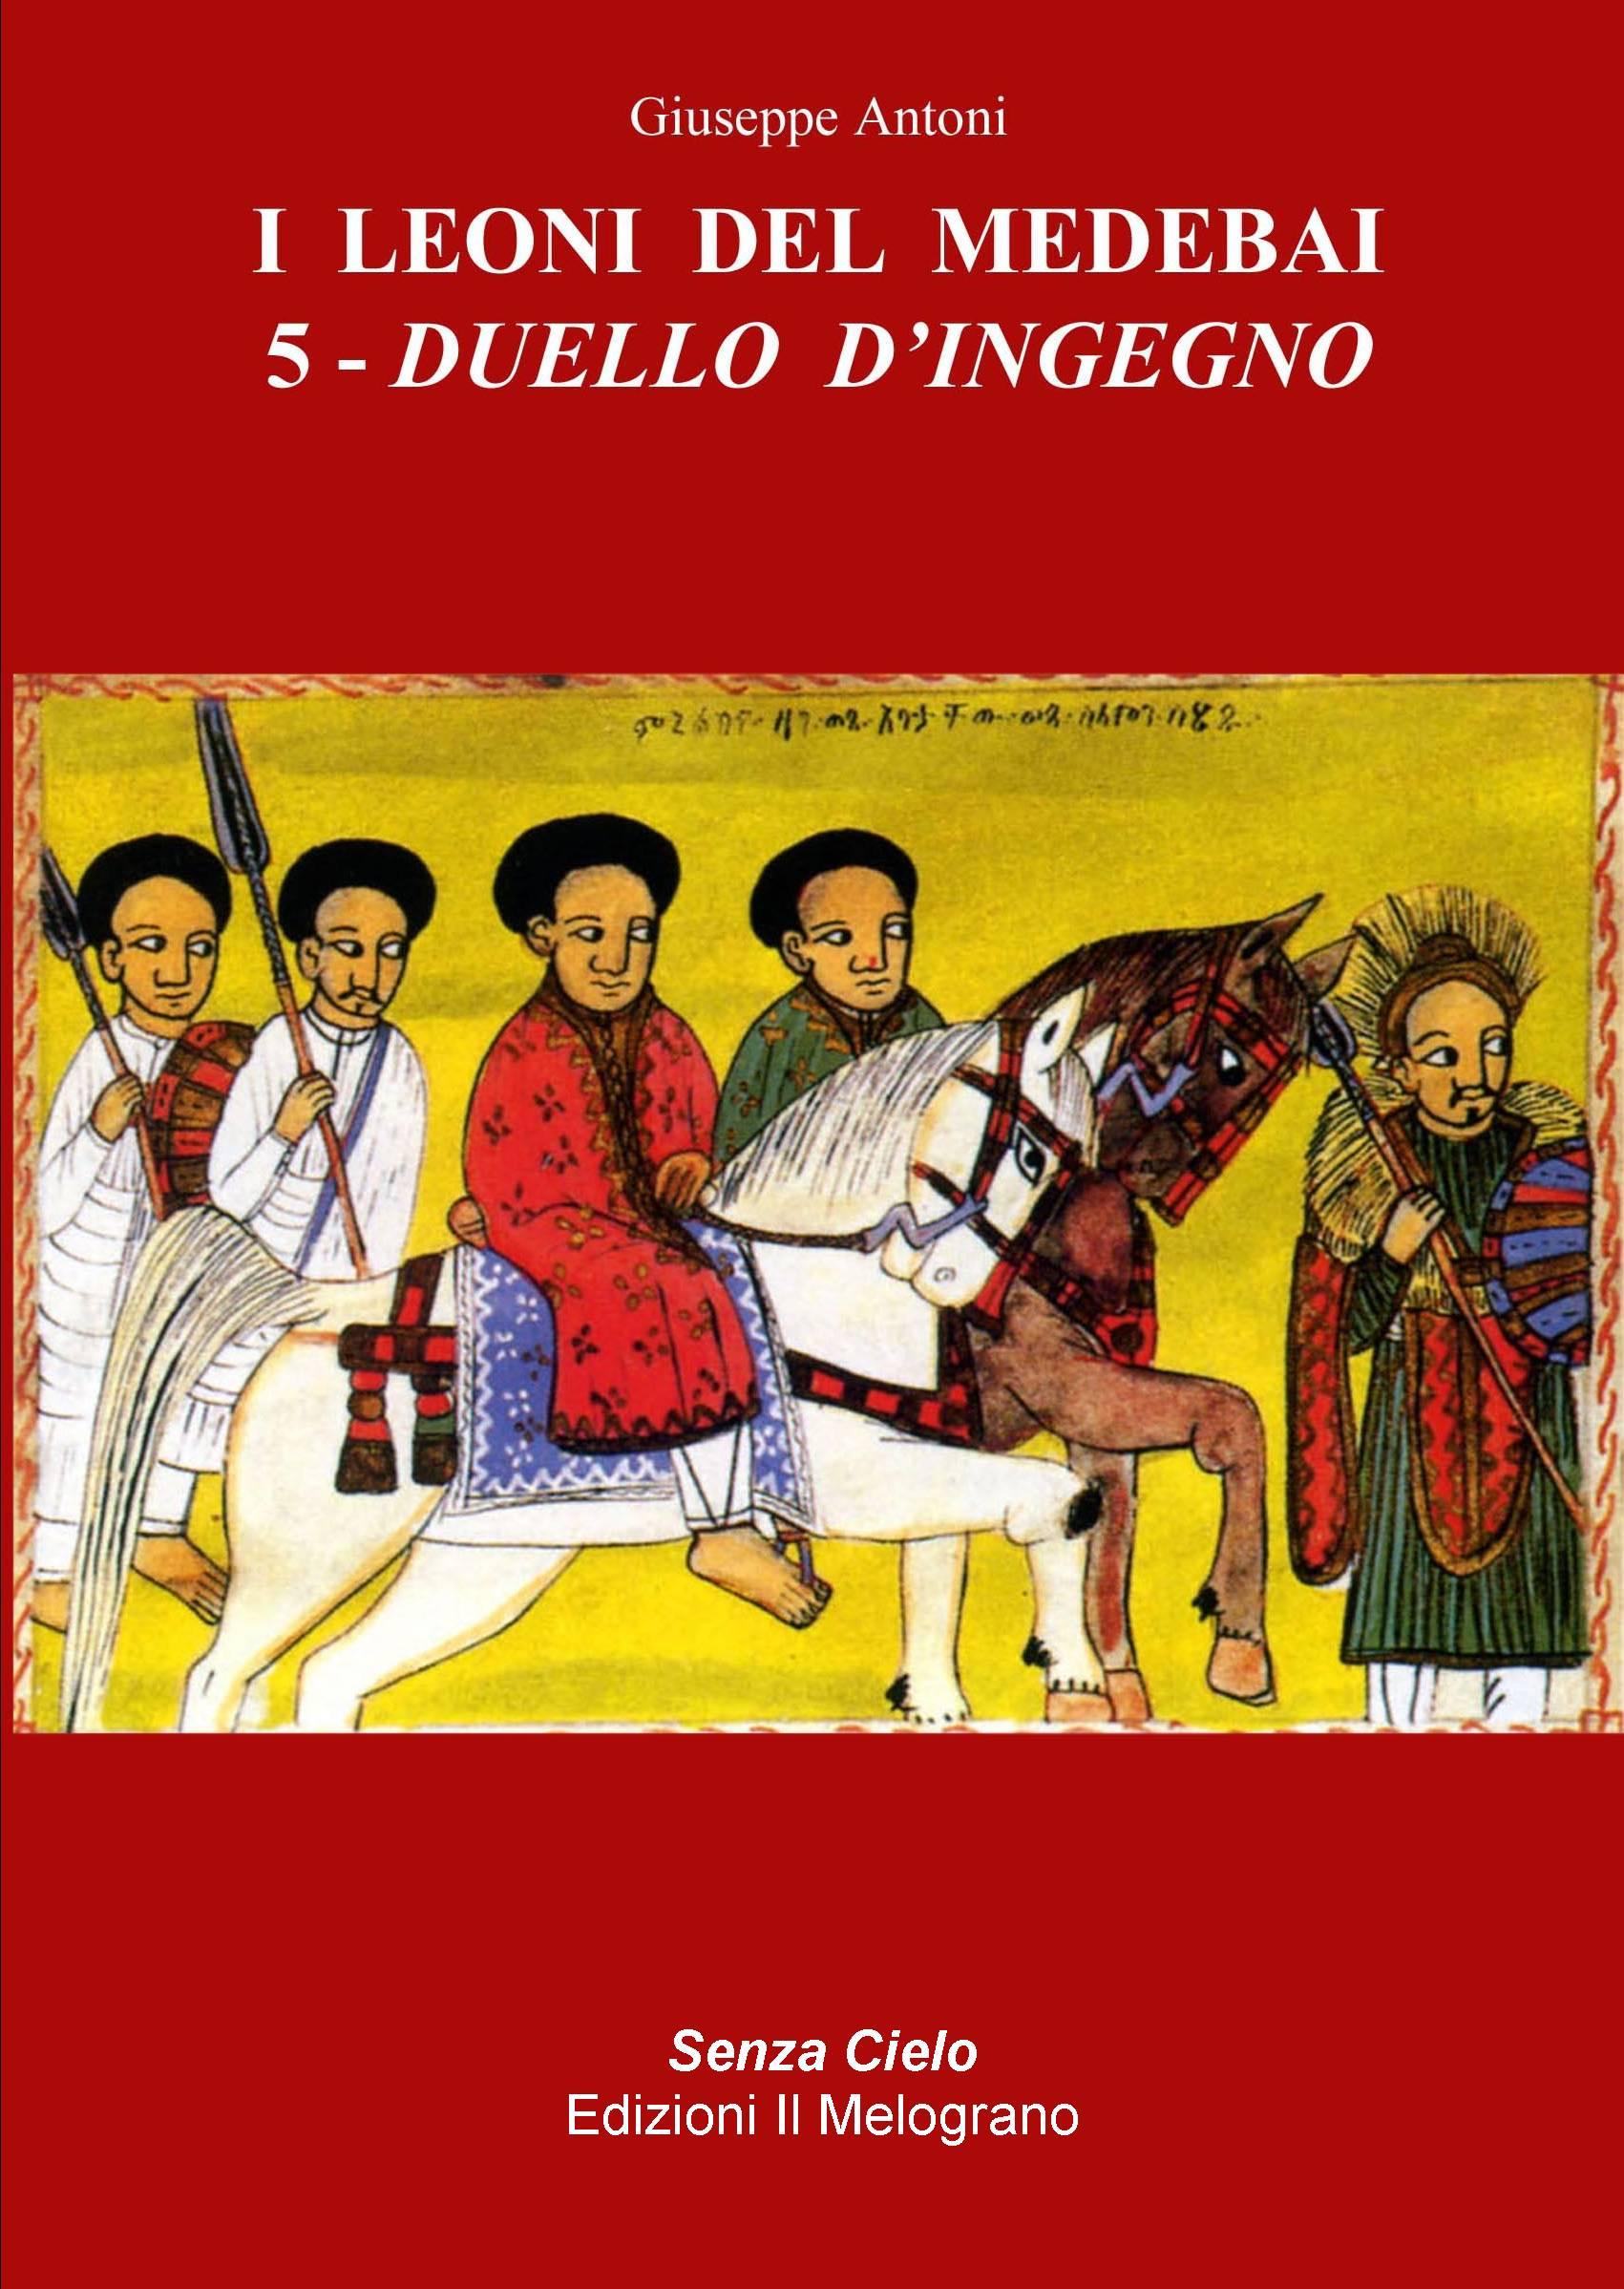 I Leoni del Medebai 5 - Duello d'ingegno